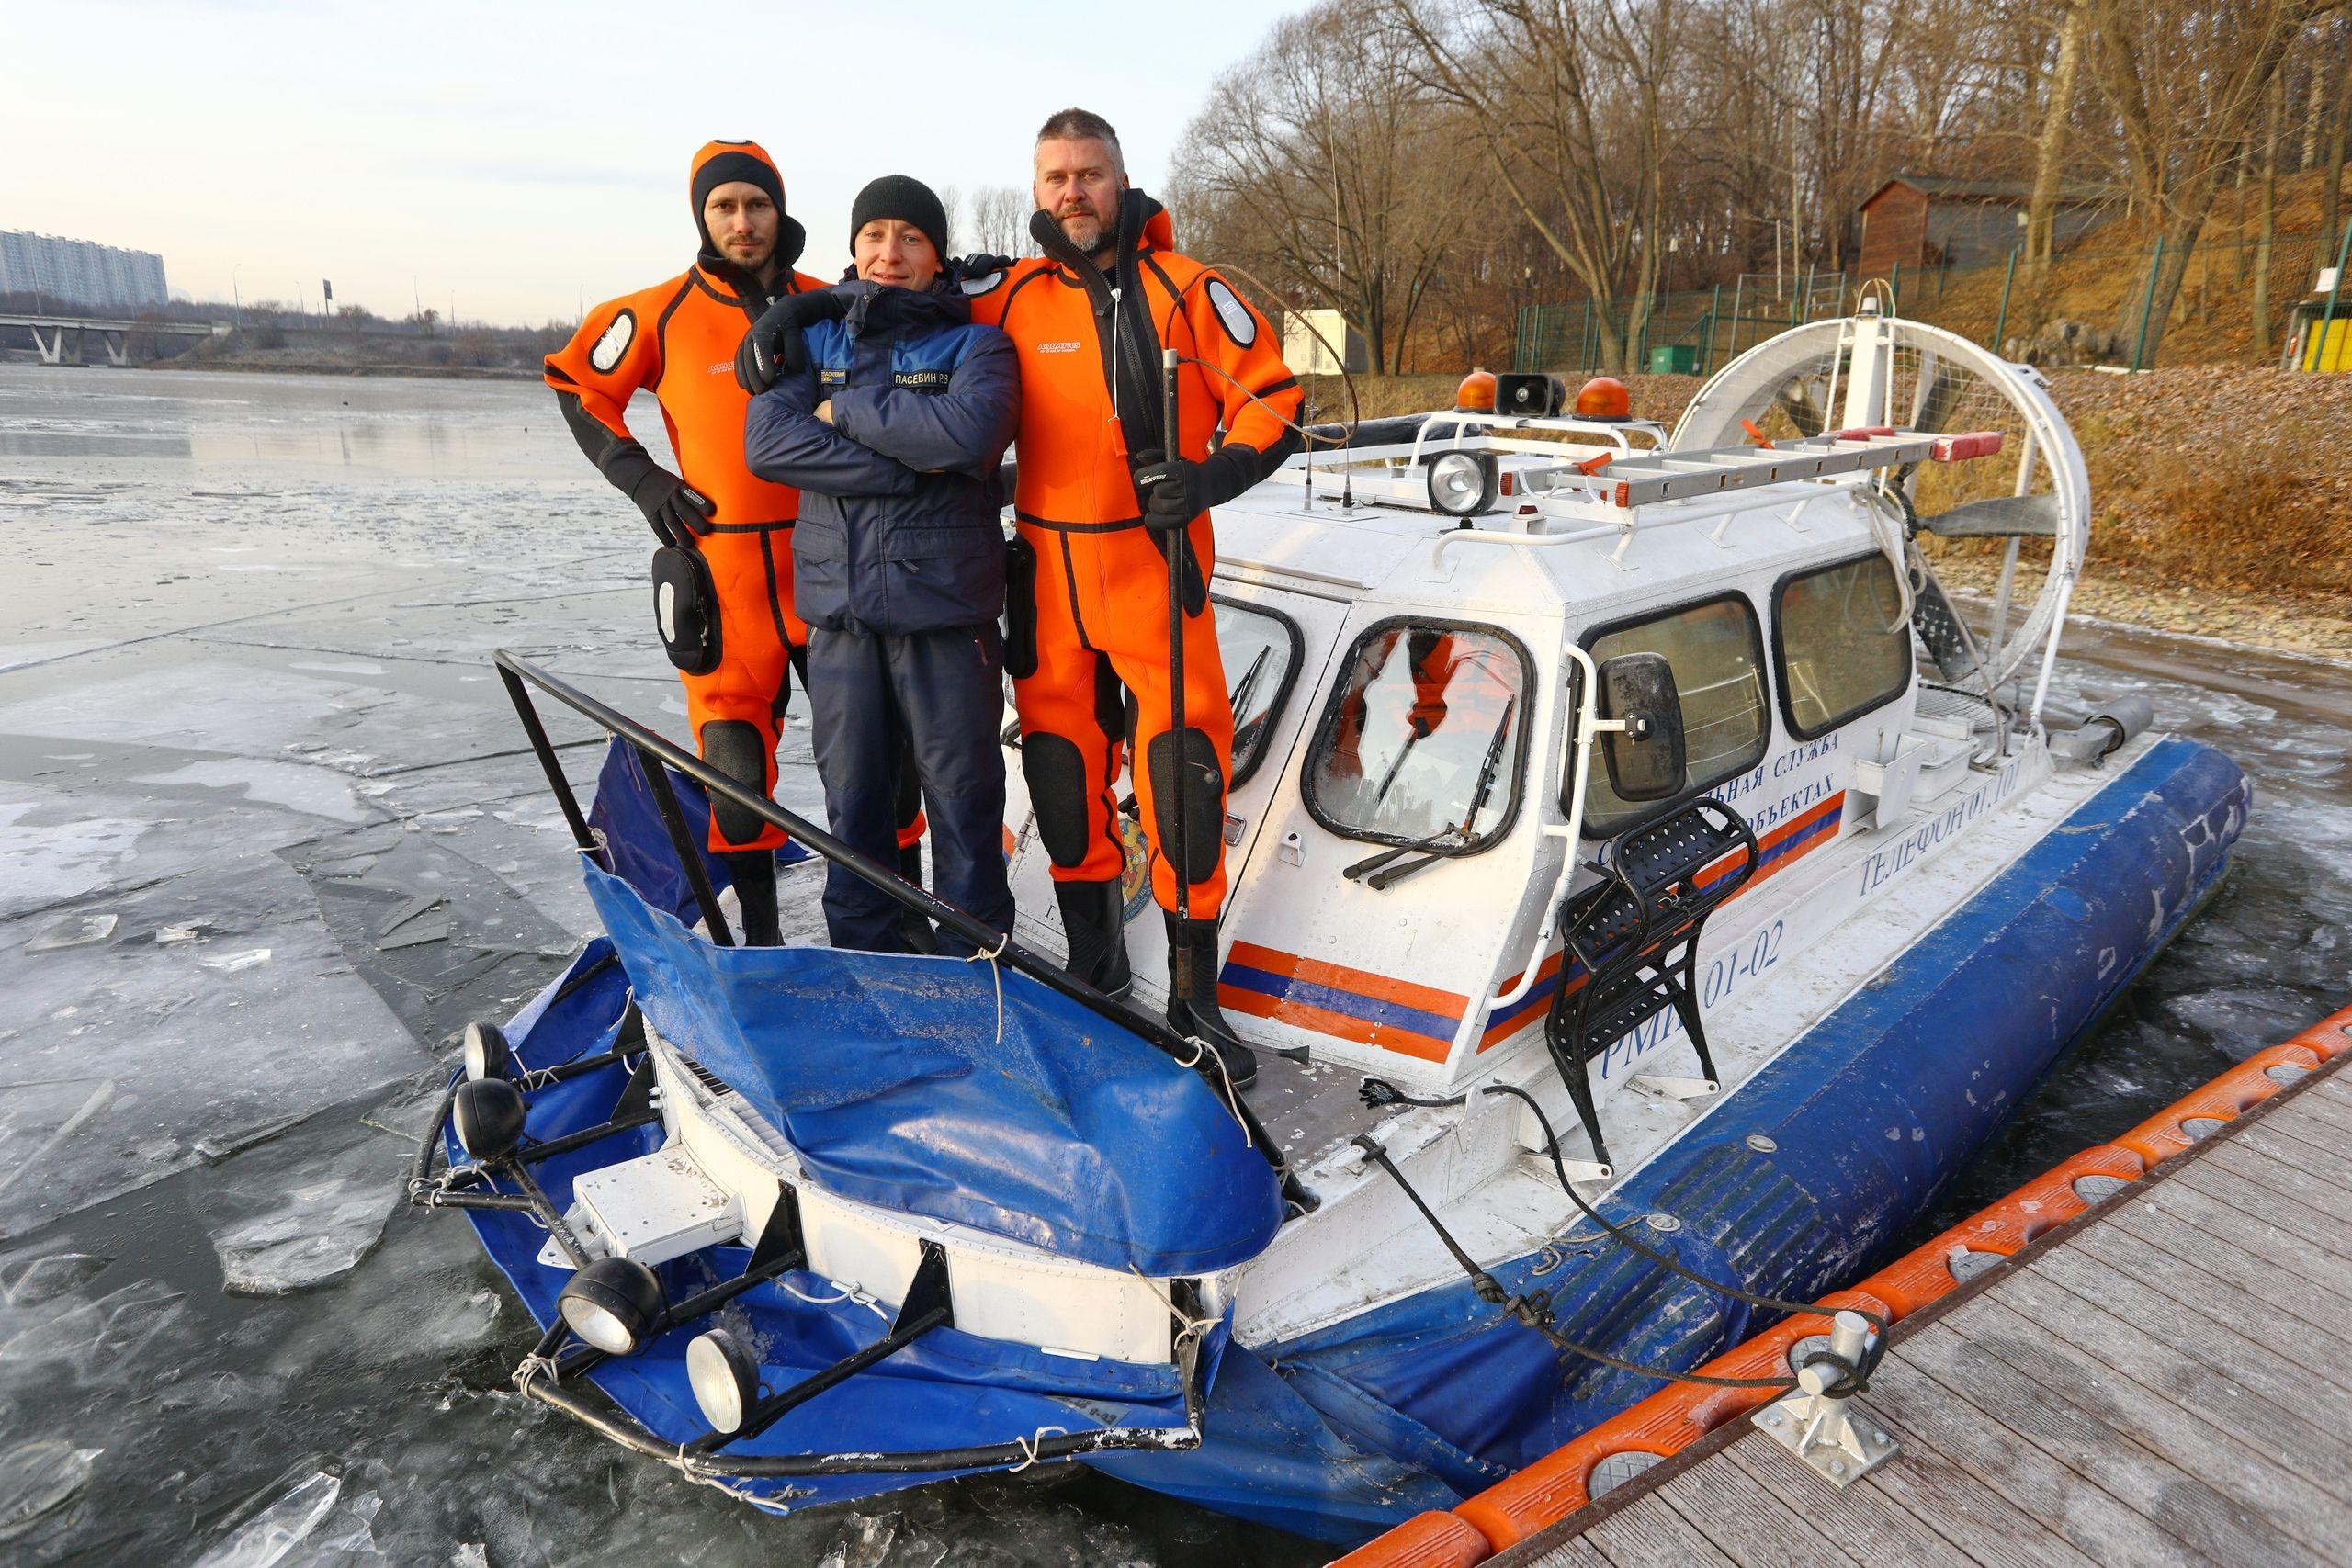 Московские спасатели предупреждают об опасности выхода на неокрепший лед